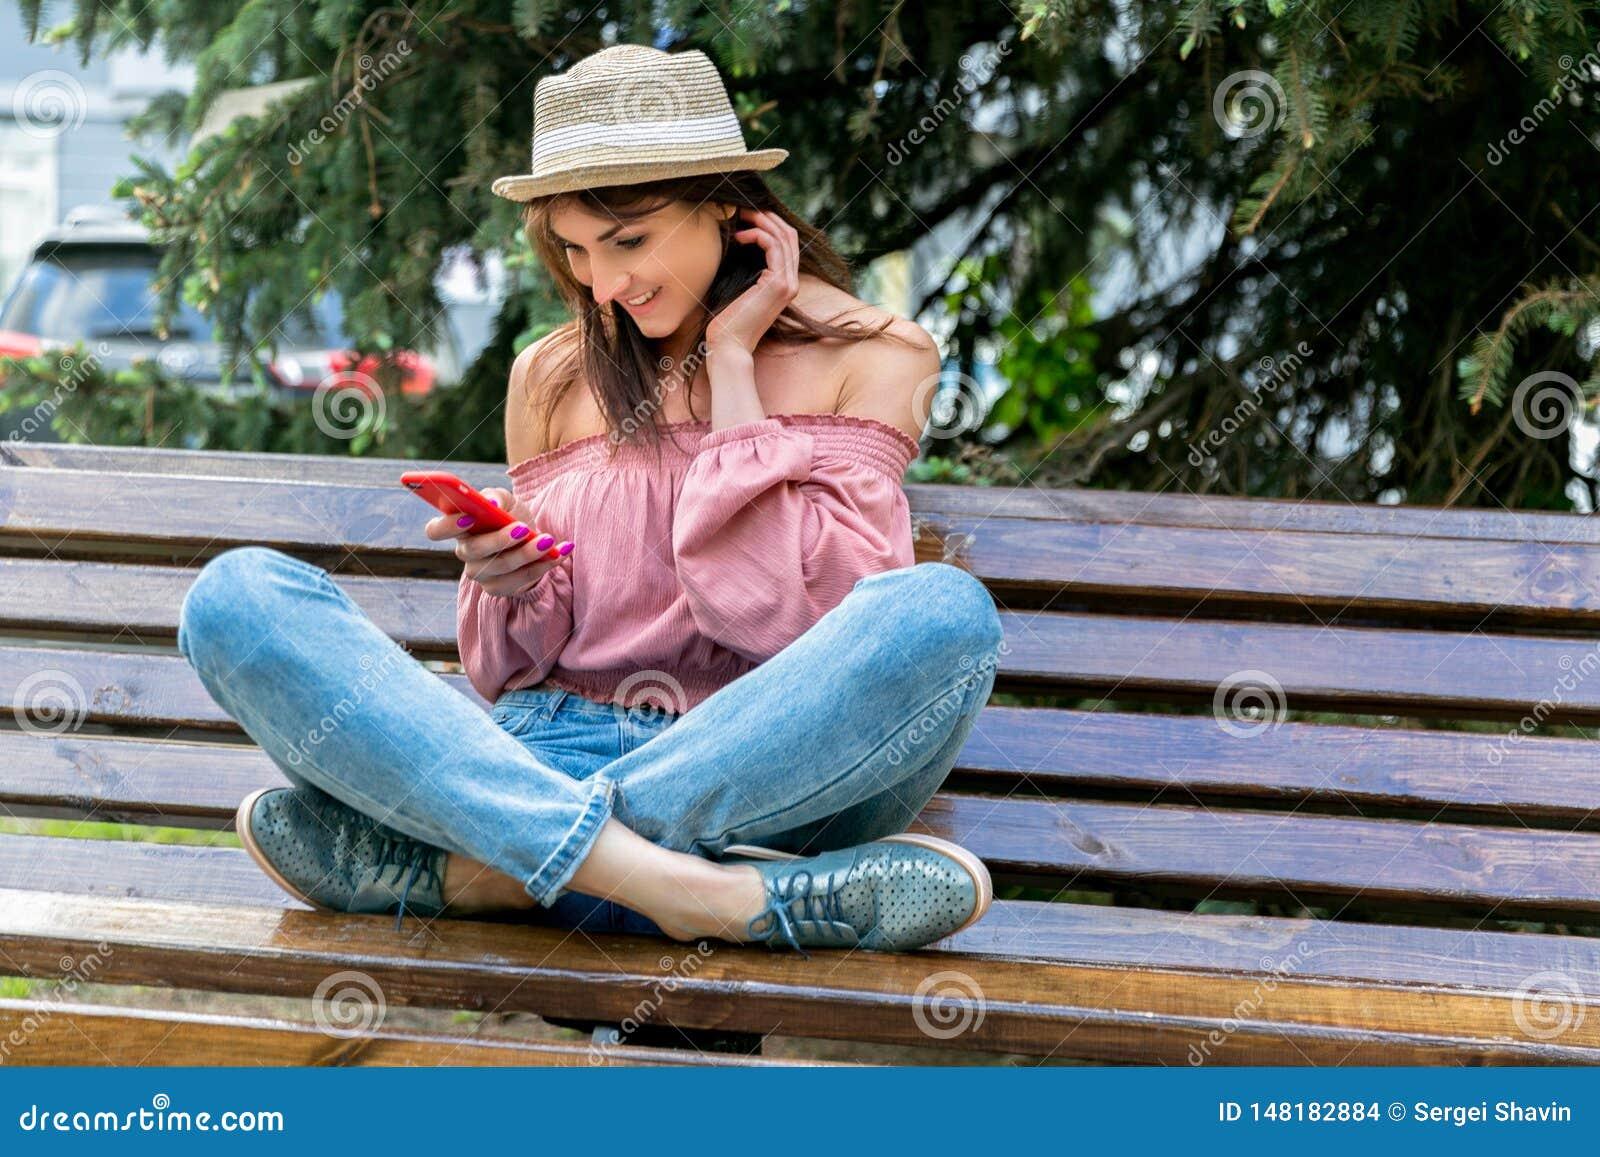 Модно одетая молодая женщина на улице на солнечном вечере Девушка в джинсах, блузке и небольшой шляпе сидит на стенде и